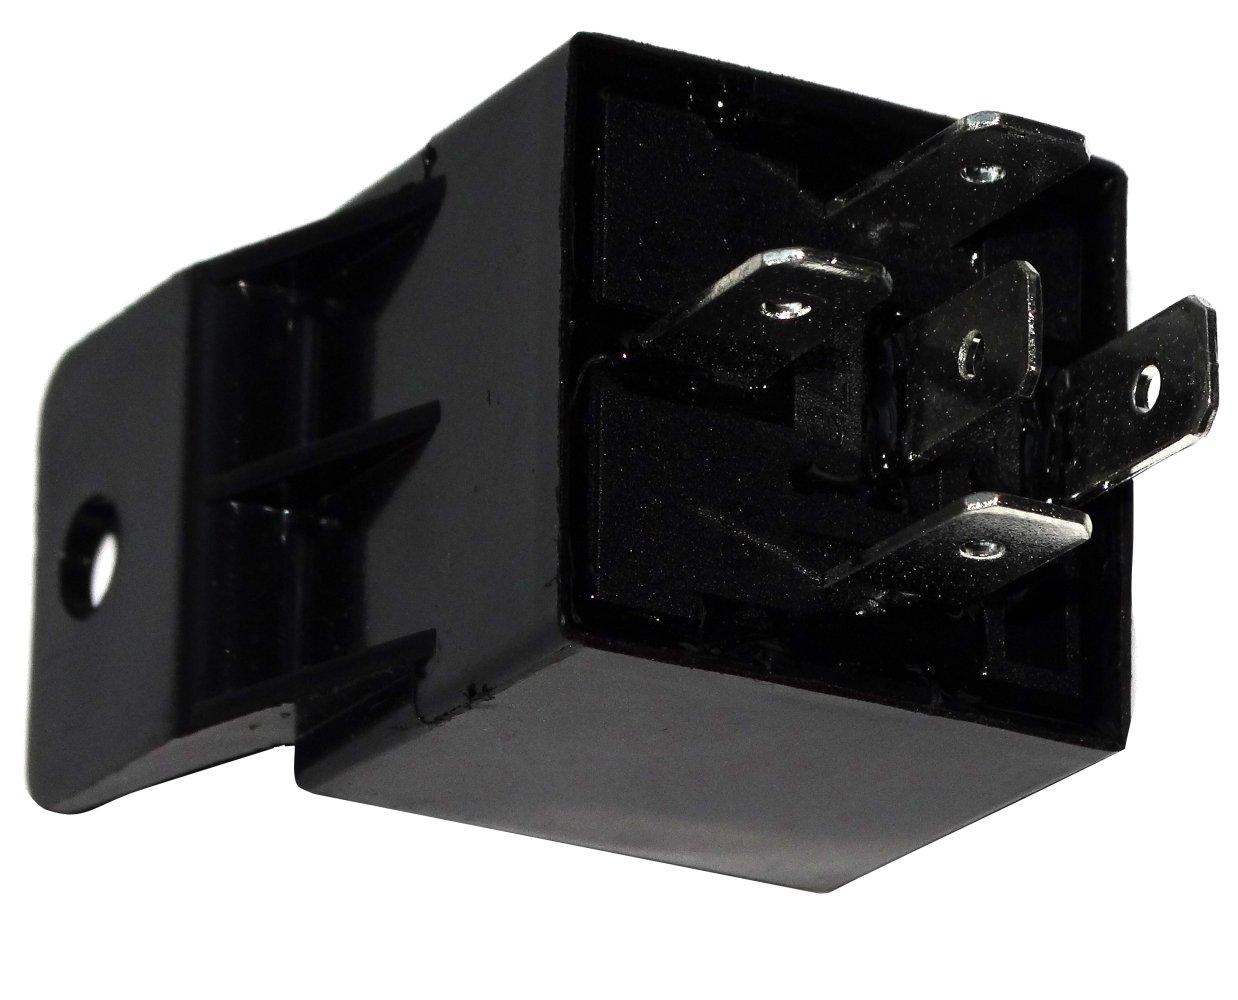 Aerzetix Relai SPDT 12V 40A//30A 5 pin broches /électromagn/étique pour auto voiture